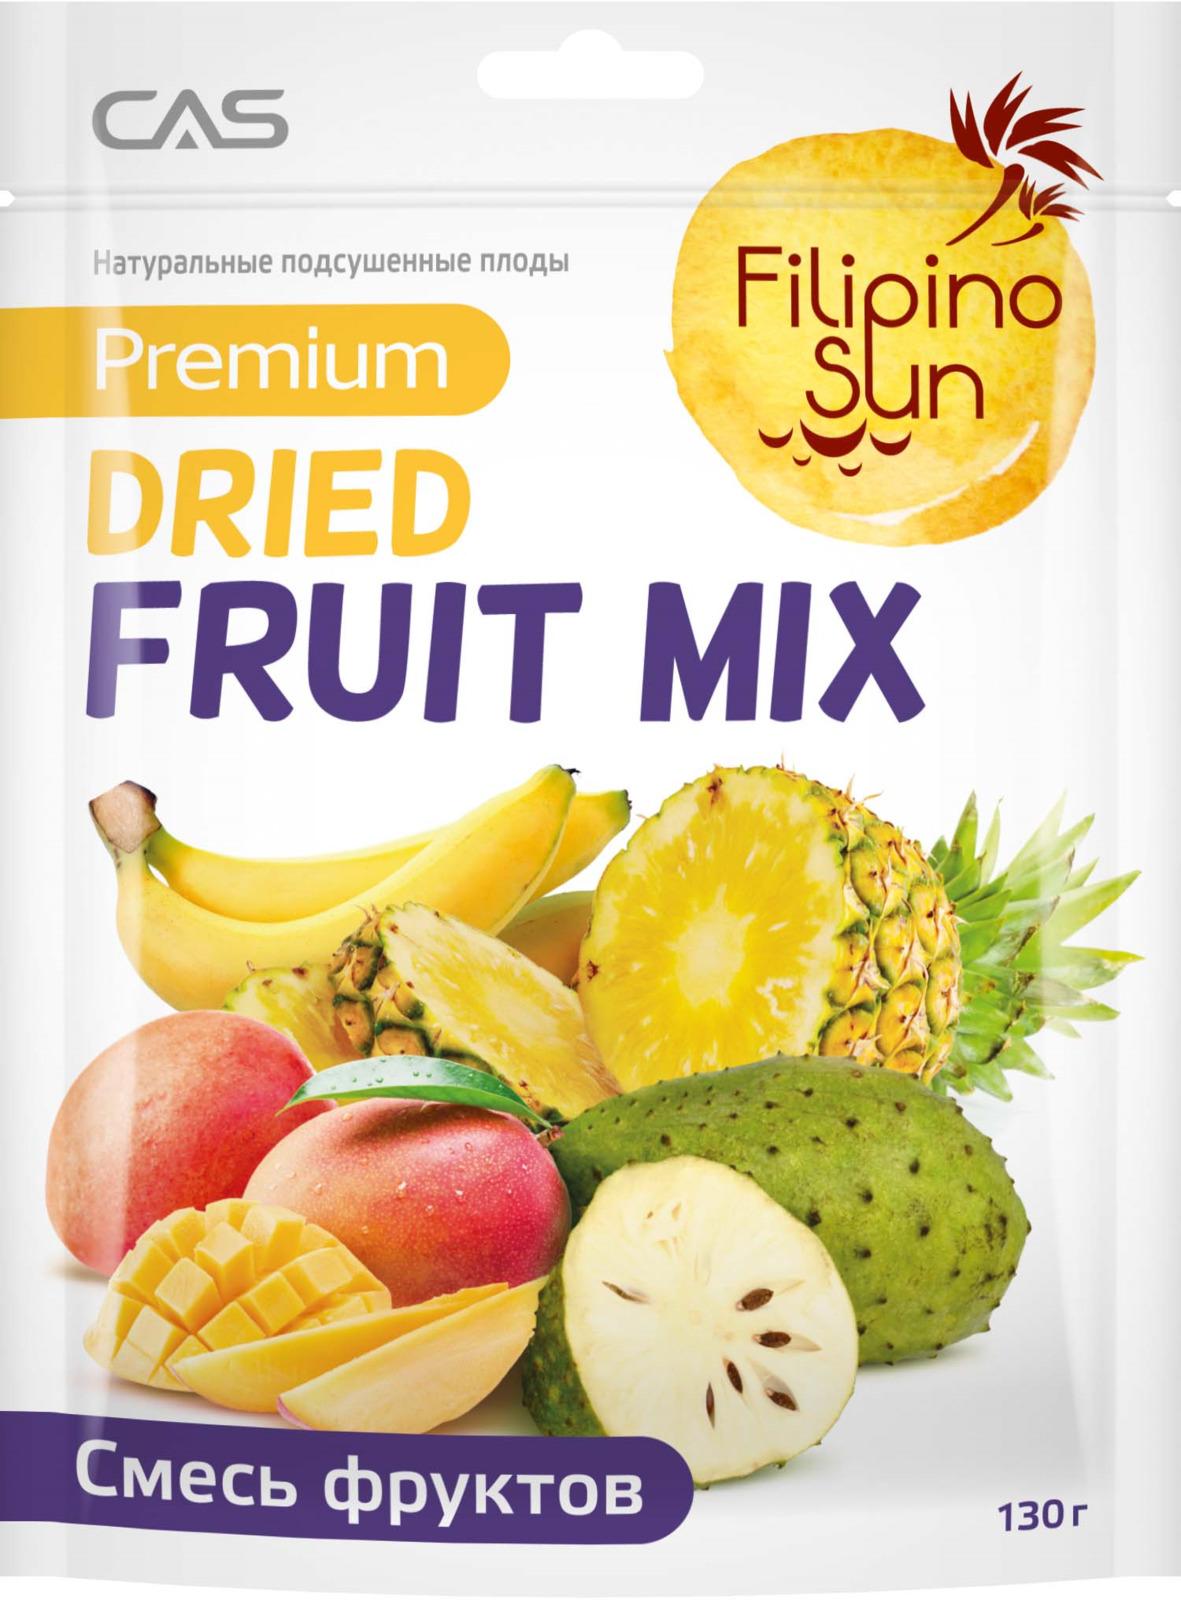 Подсушенные плоды Filipino Sun Смесь фруктов, 130 г